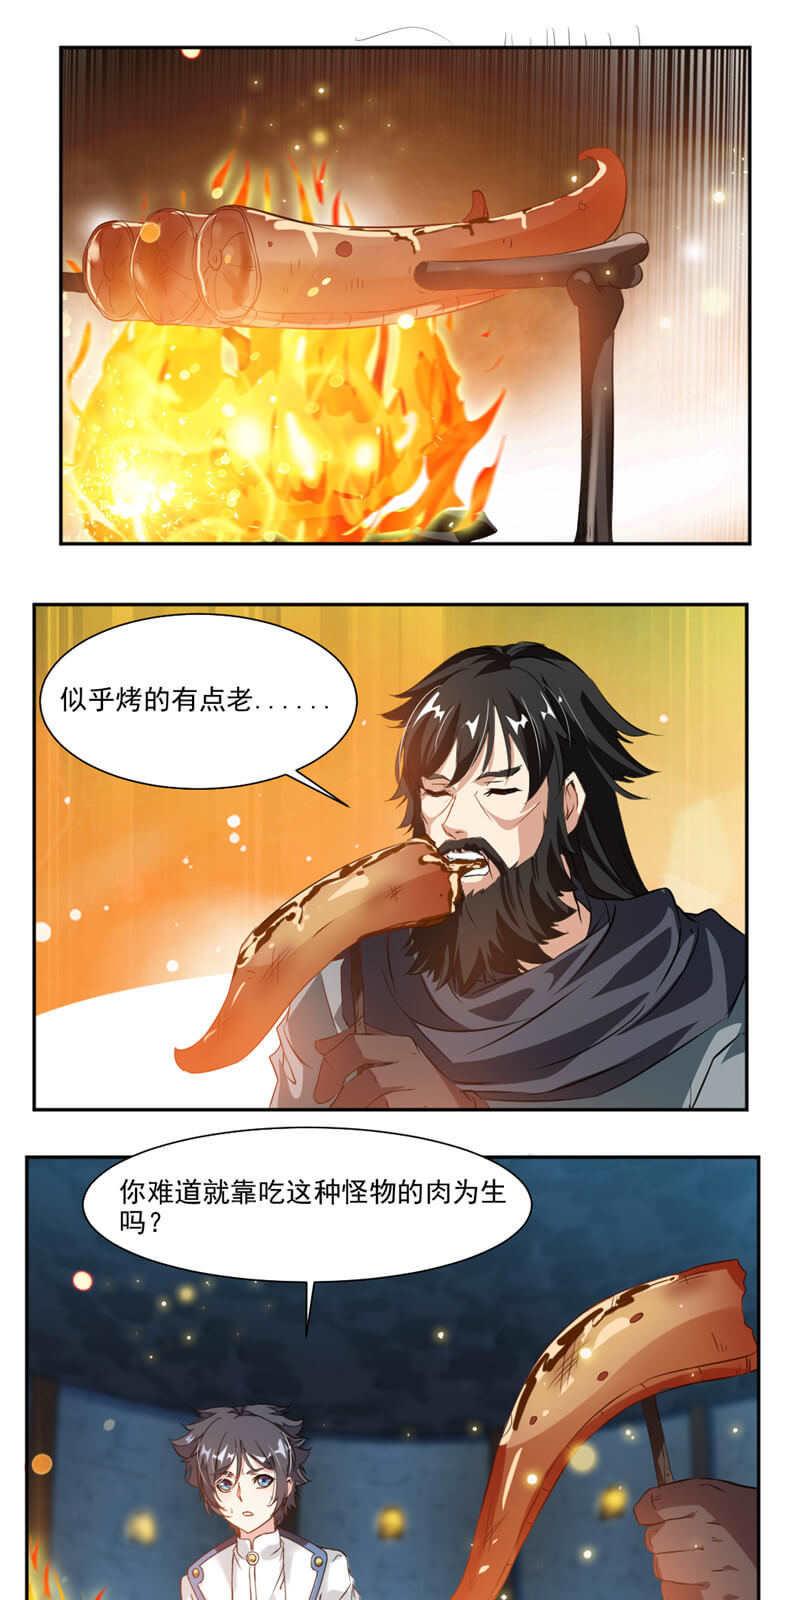 九阳神王第51话  吃好吃的 第 14